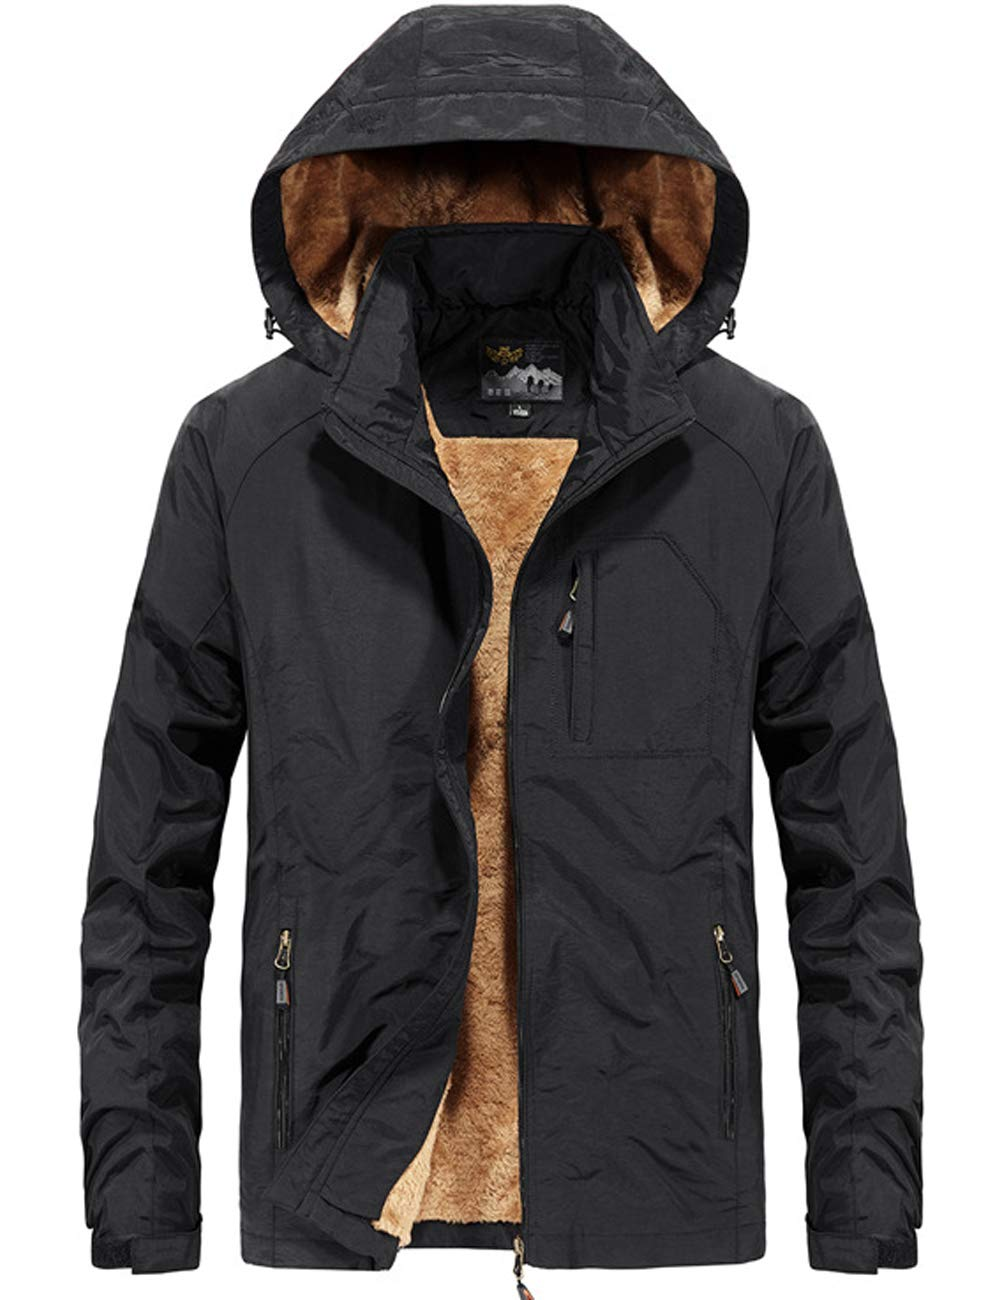 Pinkpum Men's Lightweight Windbreaker Jacket Water Resistant Jacket Black M by Pinkpum